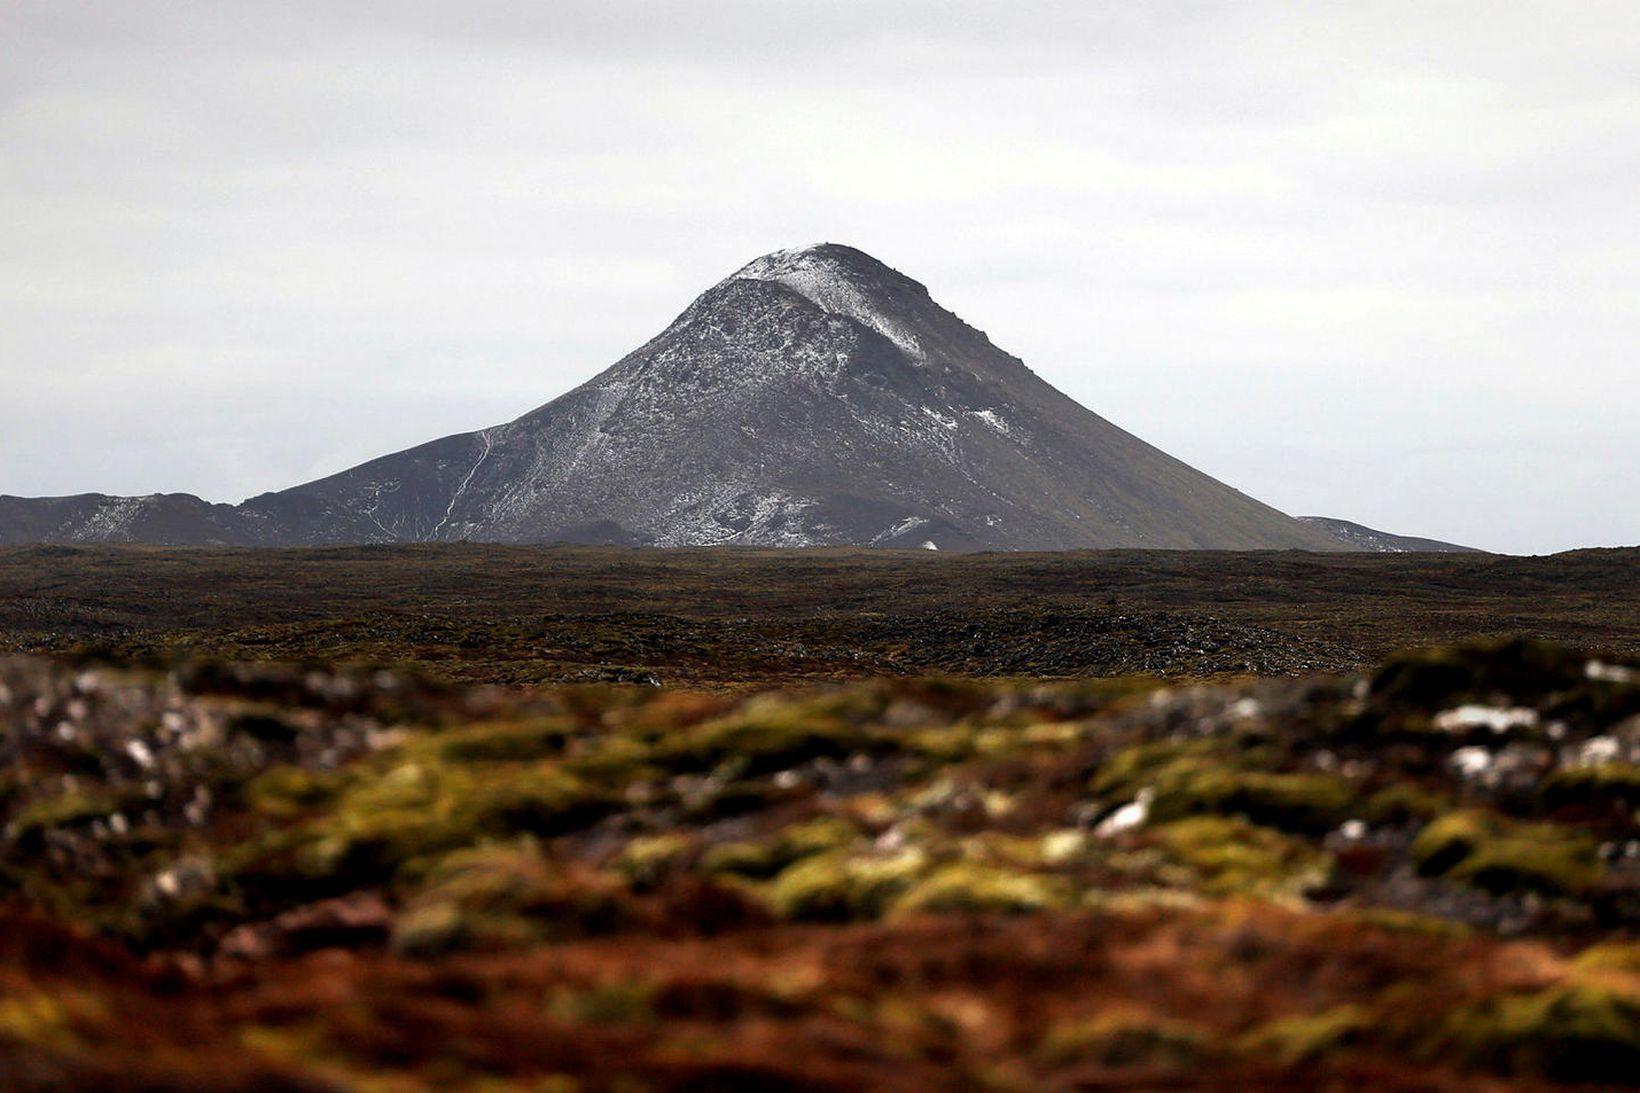 Þrír skjálftar, allir yfir 3,5 að stærð, riðu yfir um …